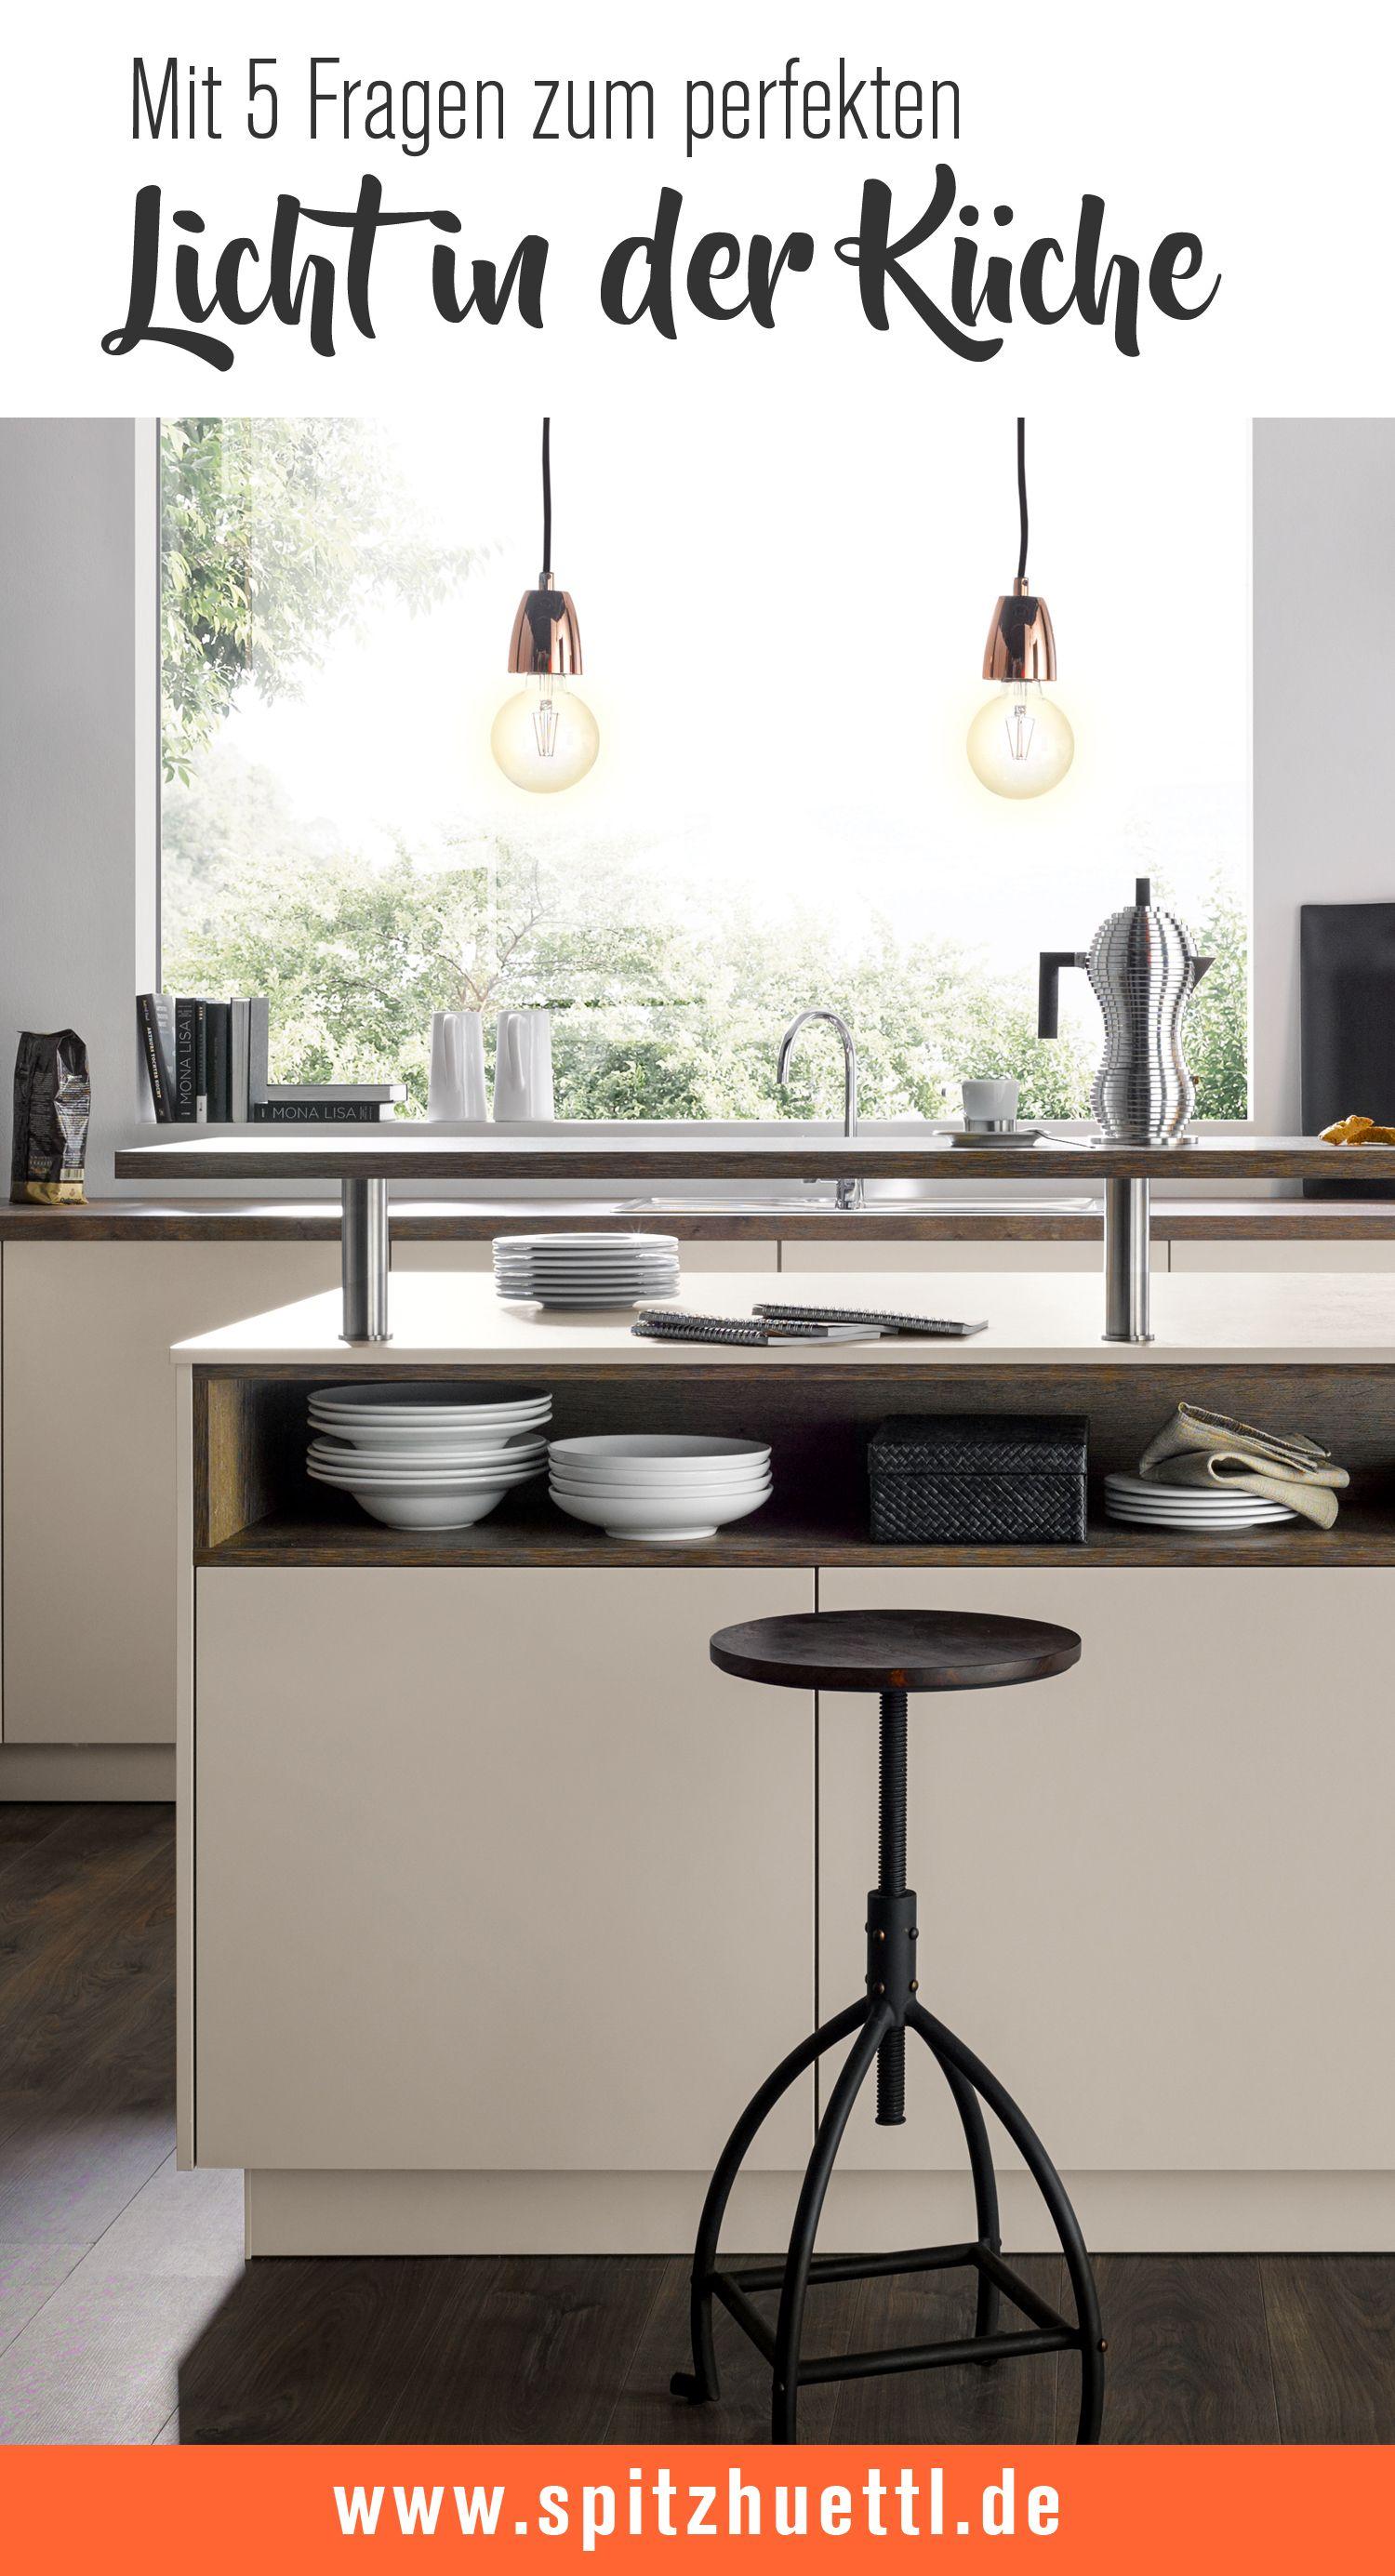 Die richtige Beleuchtung in der Küche Küche